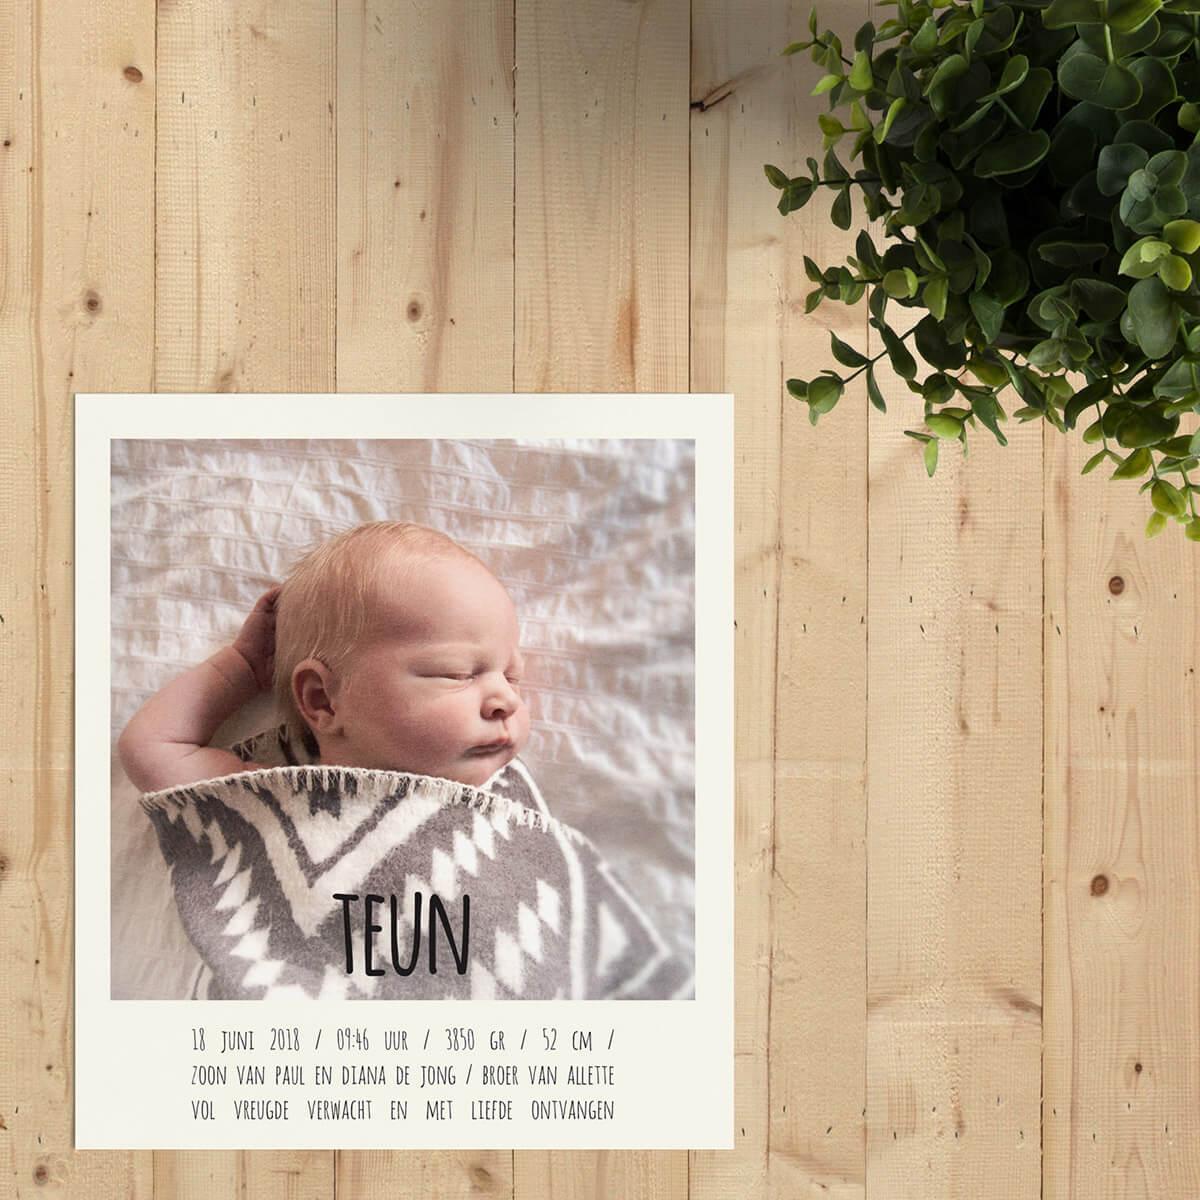 Geboortekaartje Polaroid is in het formaat van een ouderwetse polaroid ontworpen, compleet met het typische kader rondom, waarbij de onderkant dikker is.